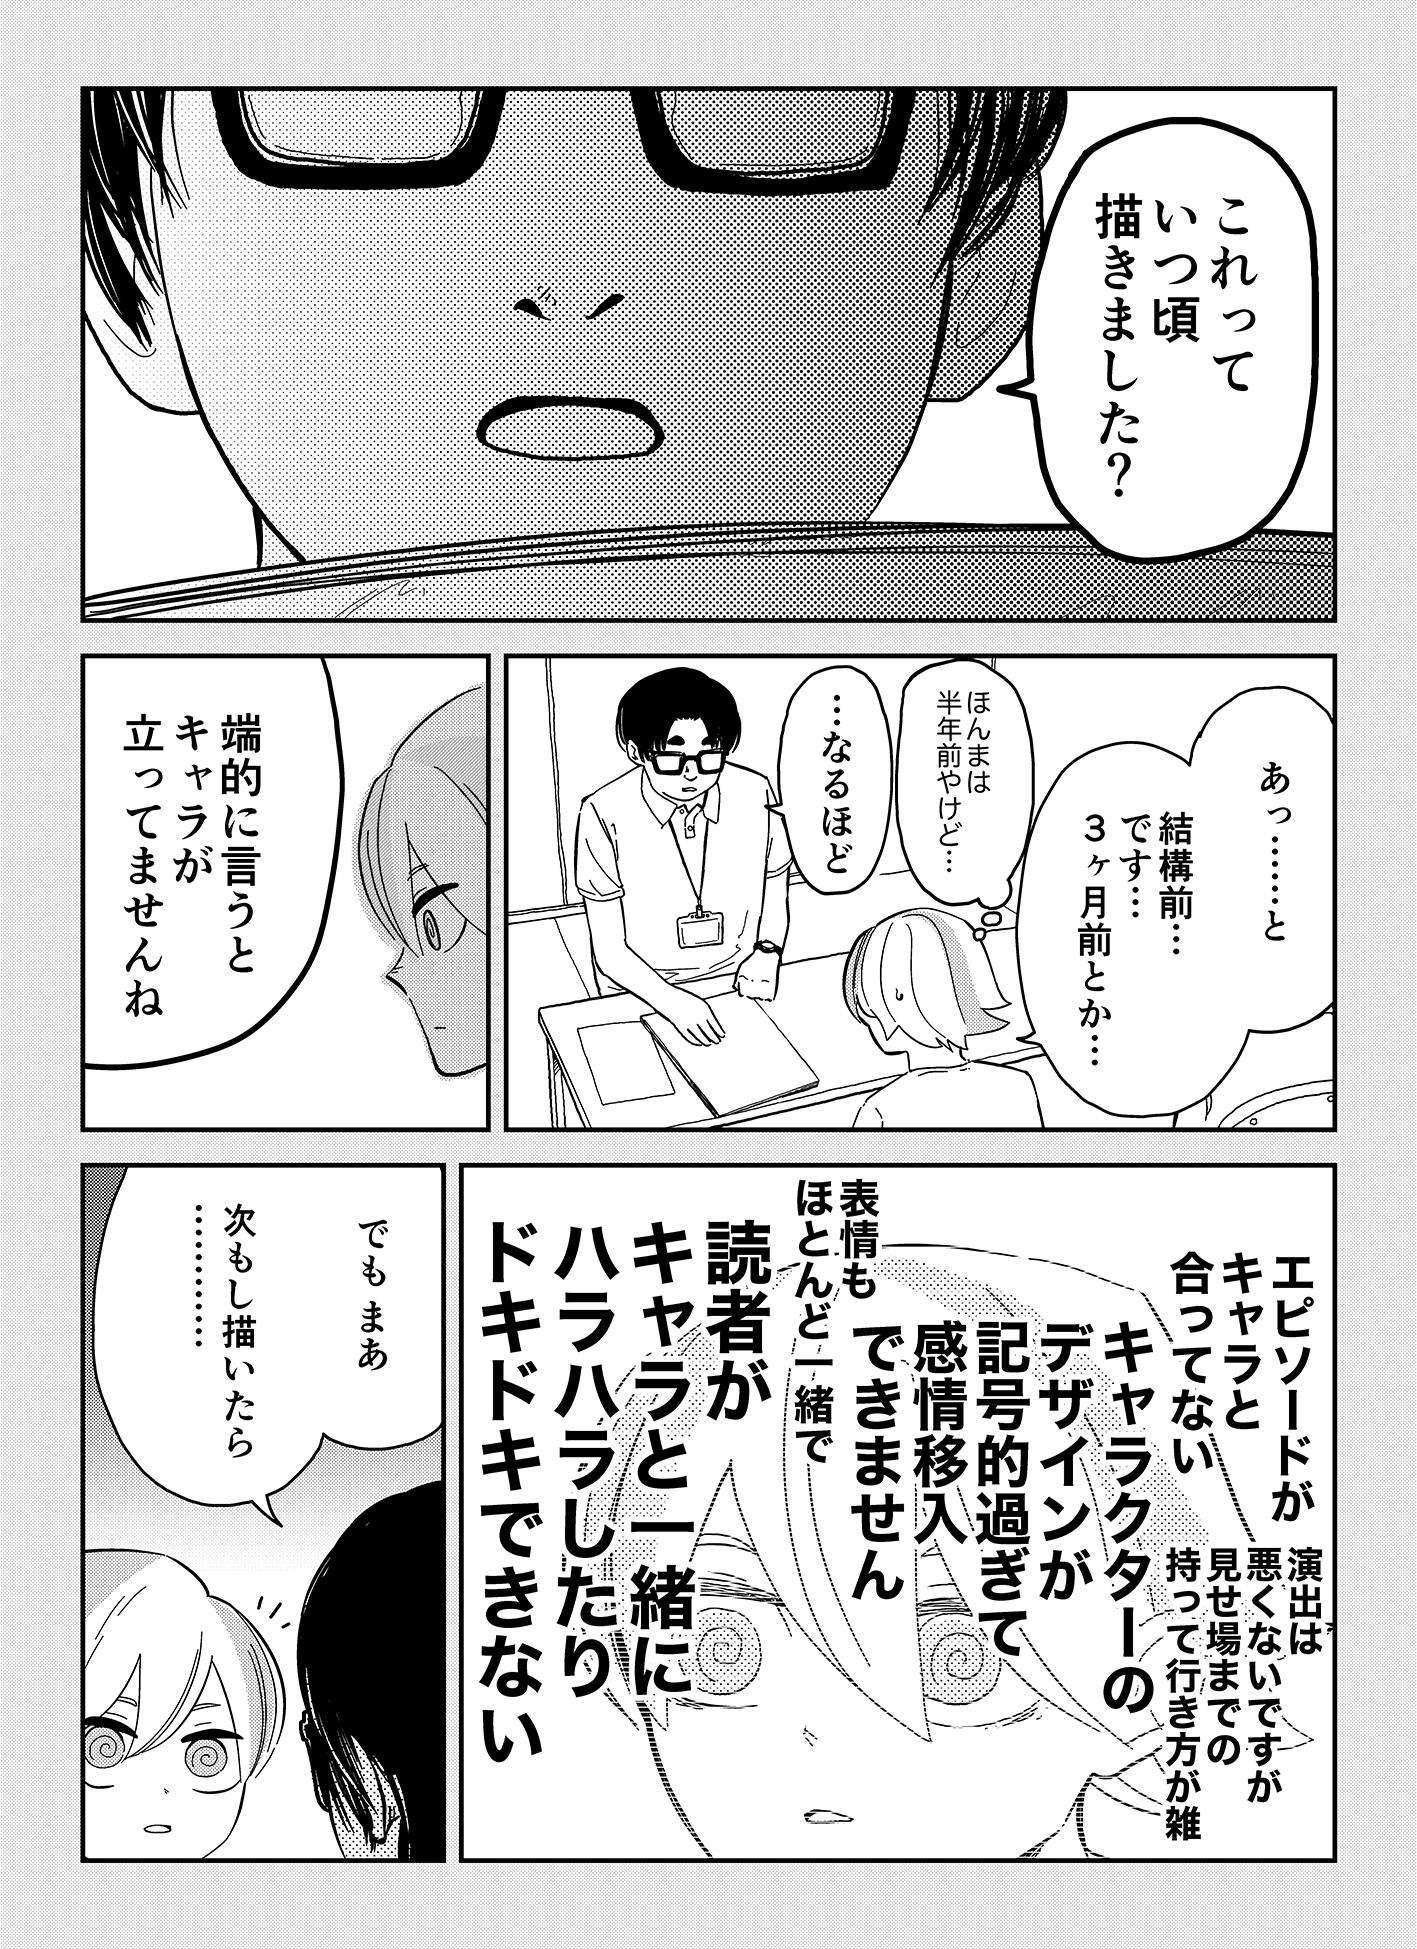 share14_05